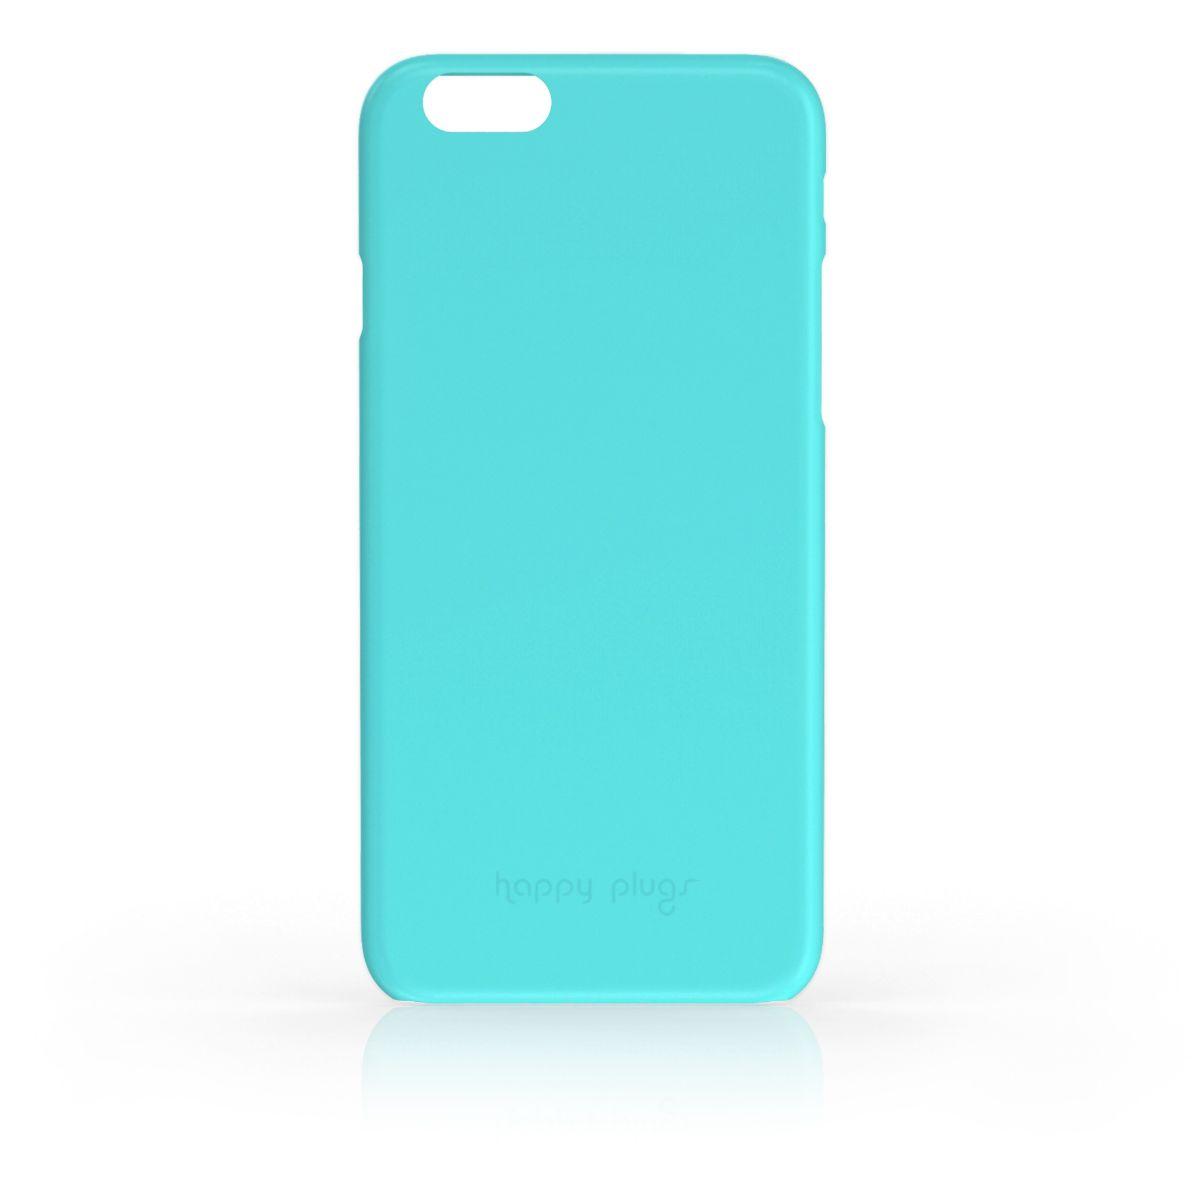 Coque HAPPY PLUGS iPhone 6/6s turquoise